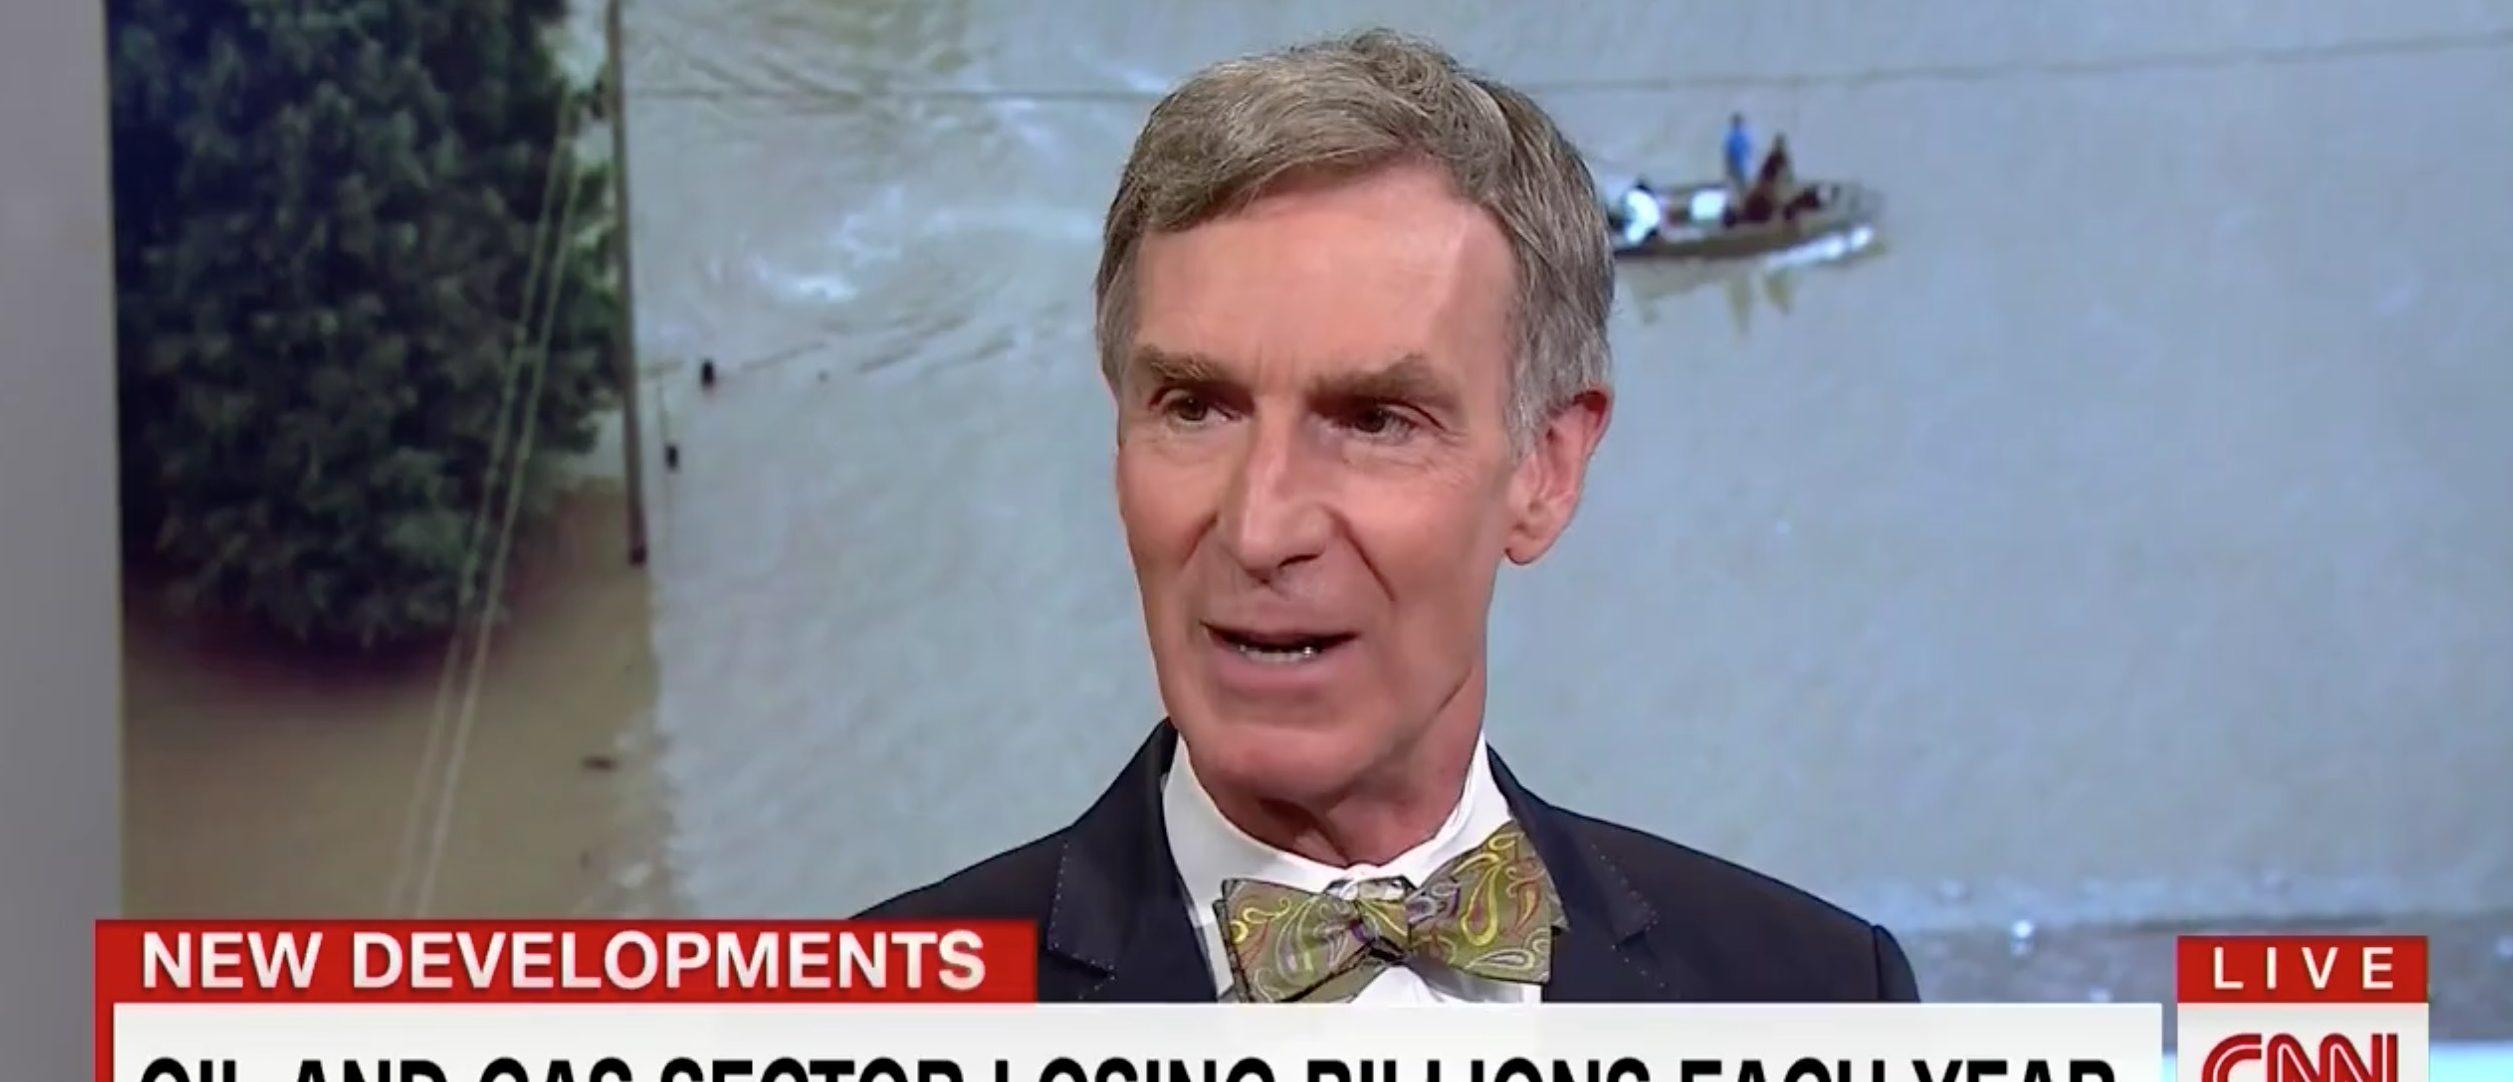 Bill Nye, Screen Grab CNN, 8-23-2016